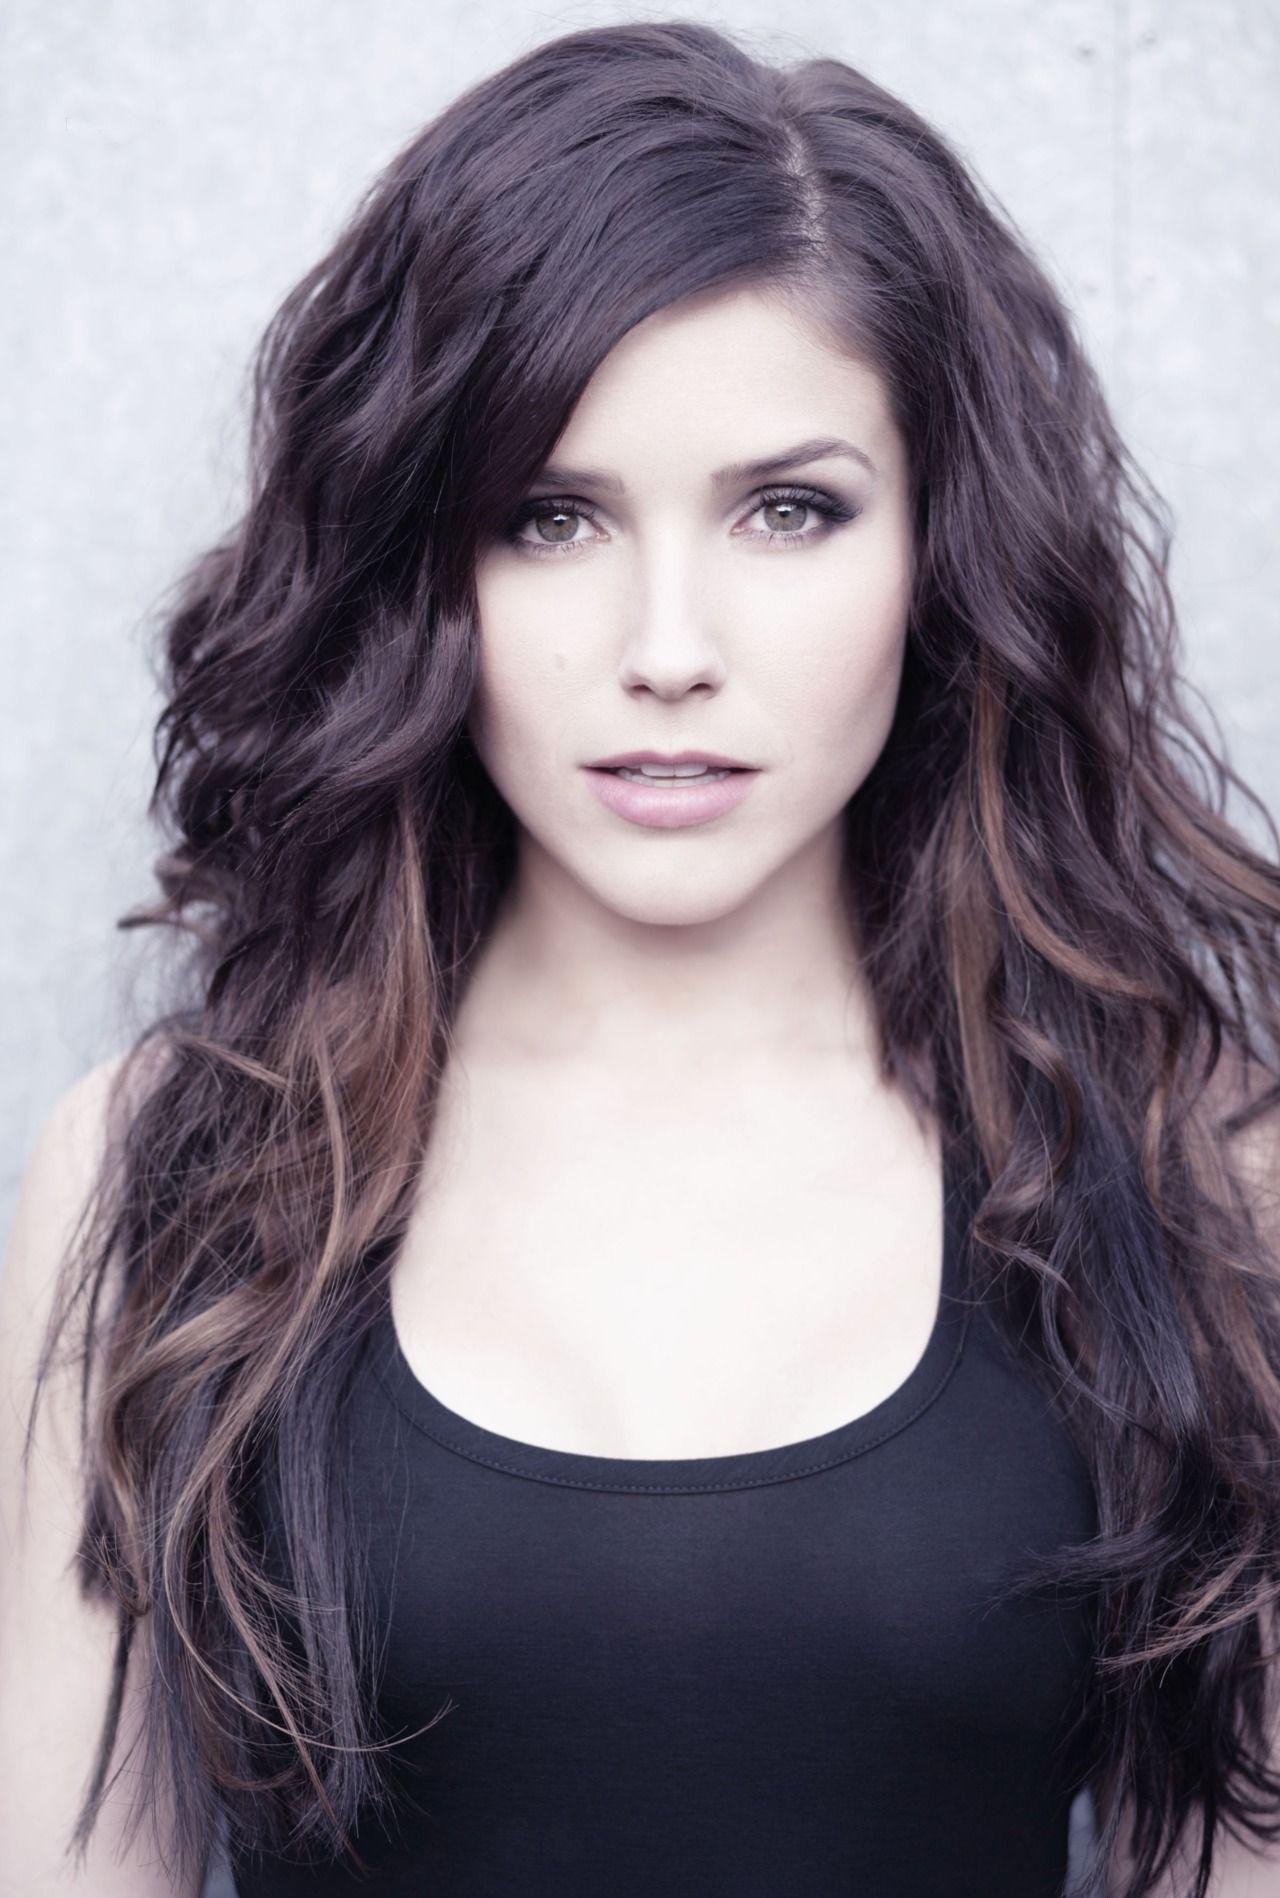 Sonya Wilkins Long Wavy Dark Brown Hair Enchanting Brown